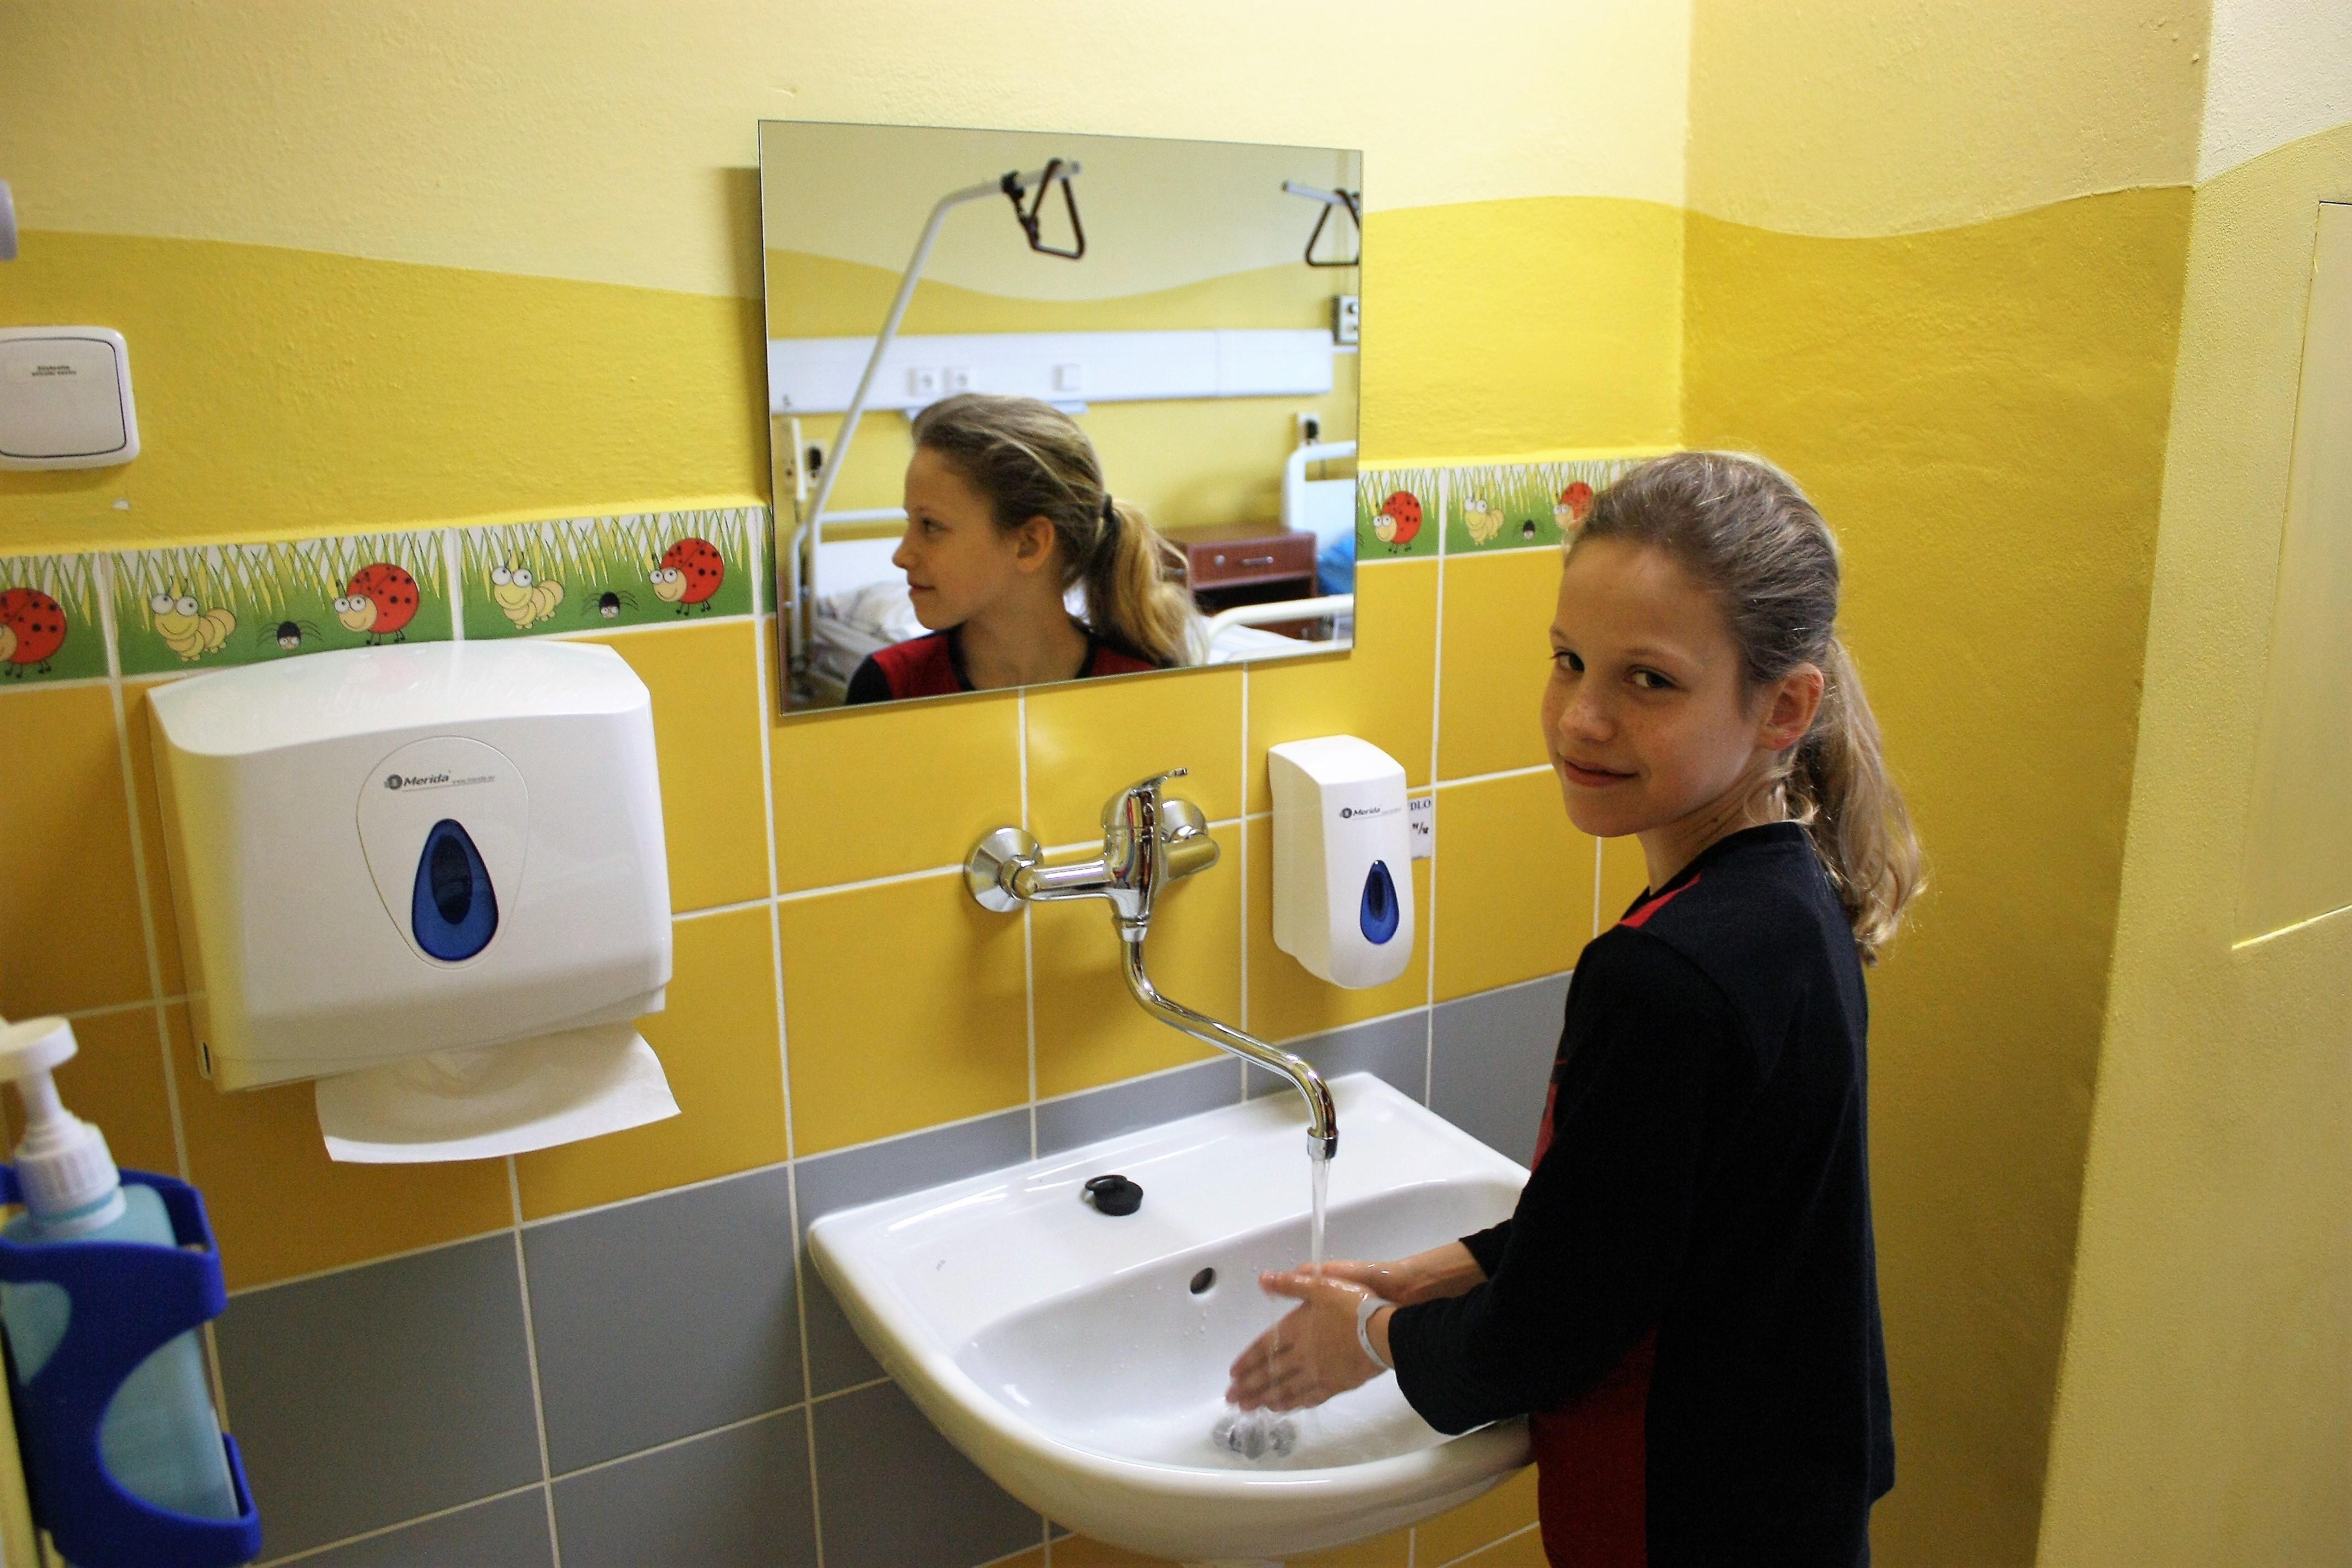 Na pokojích nechybí ani nové obklady s dětskými motivy foto: T. Bulková, Nemocnice Šumperk.